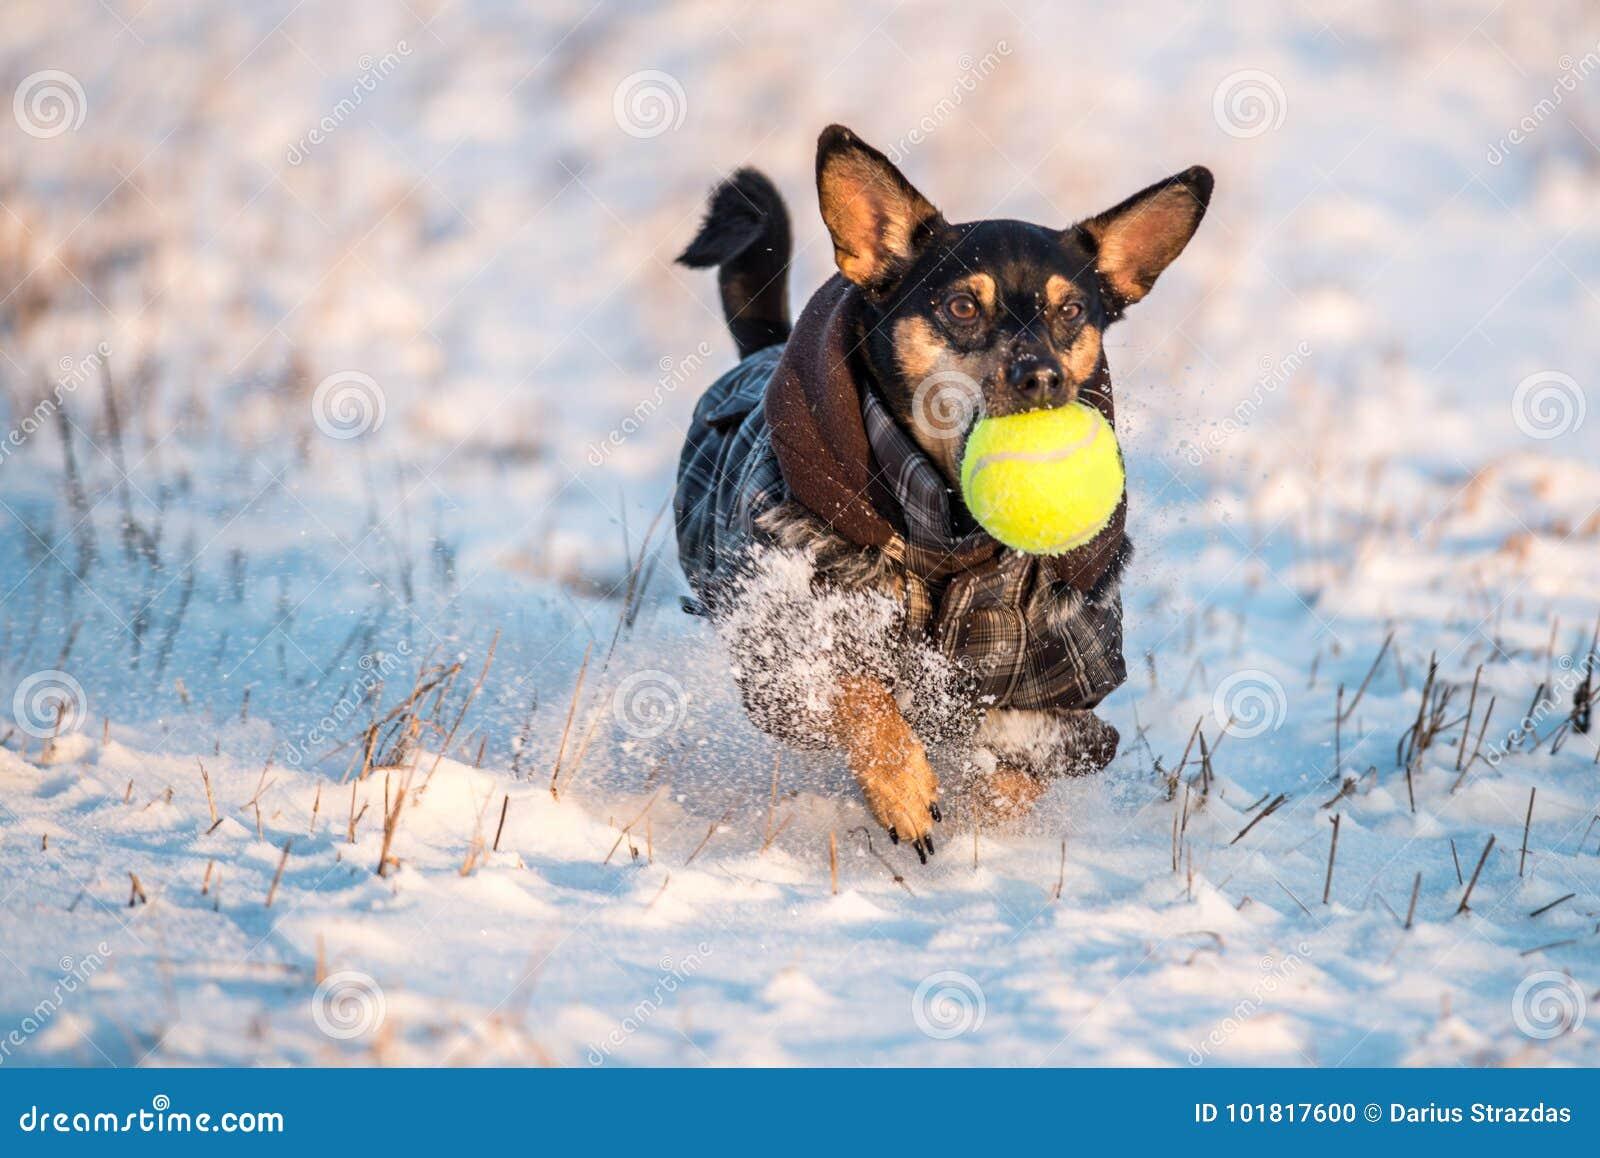 Il cane passa la neve